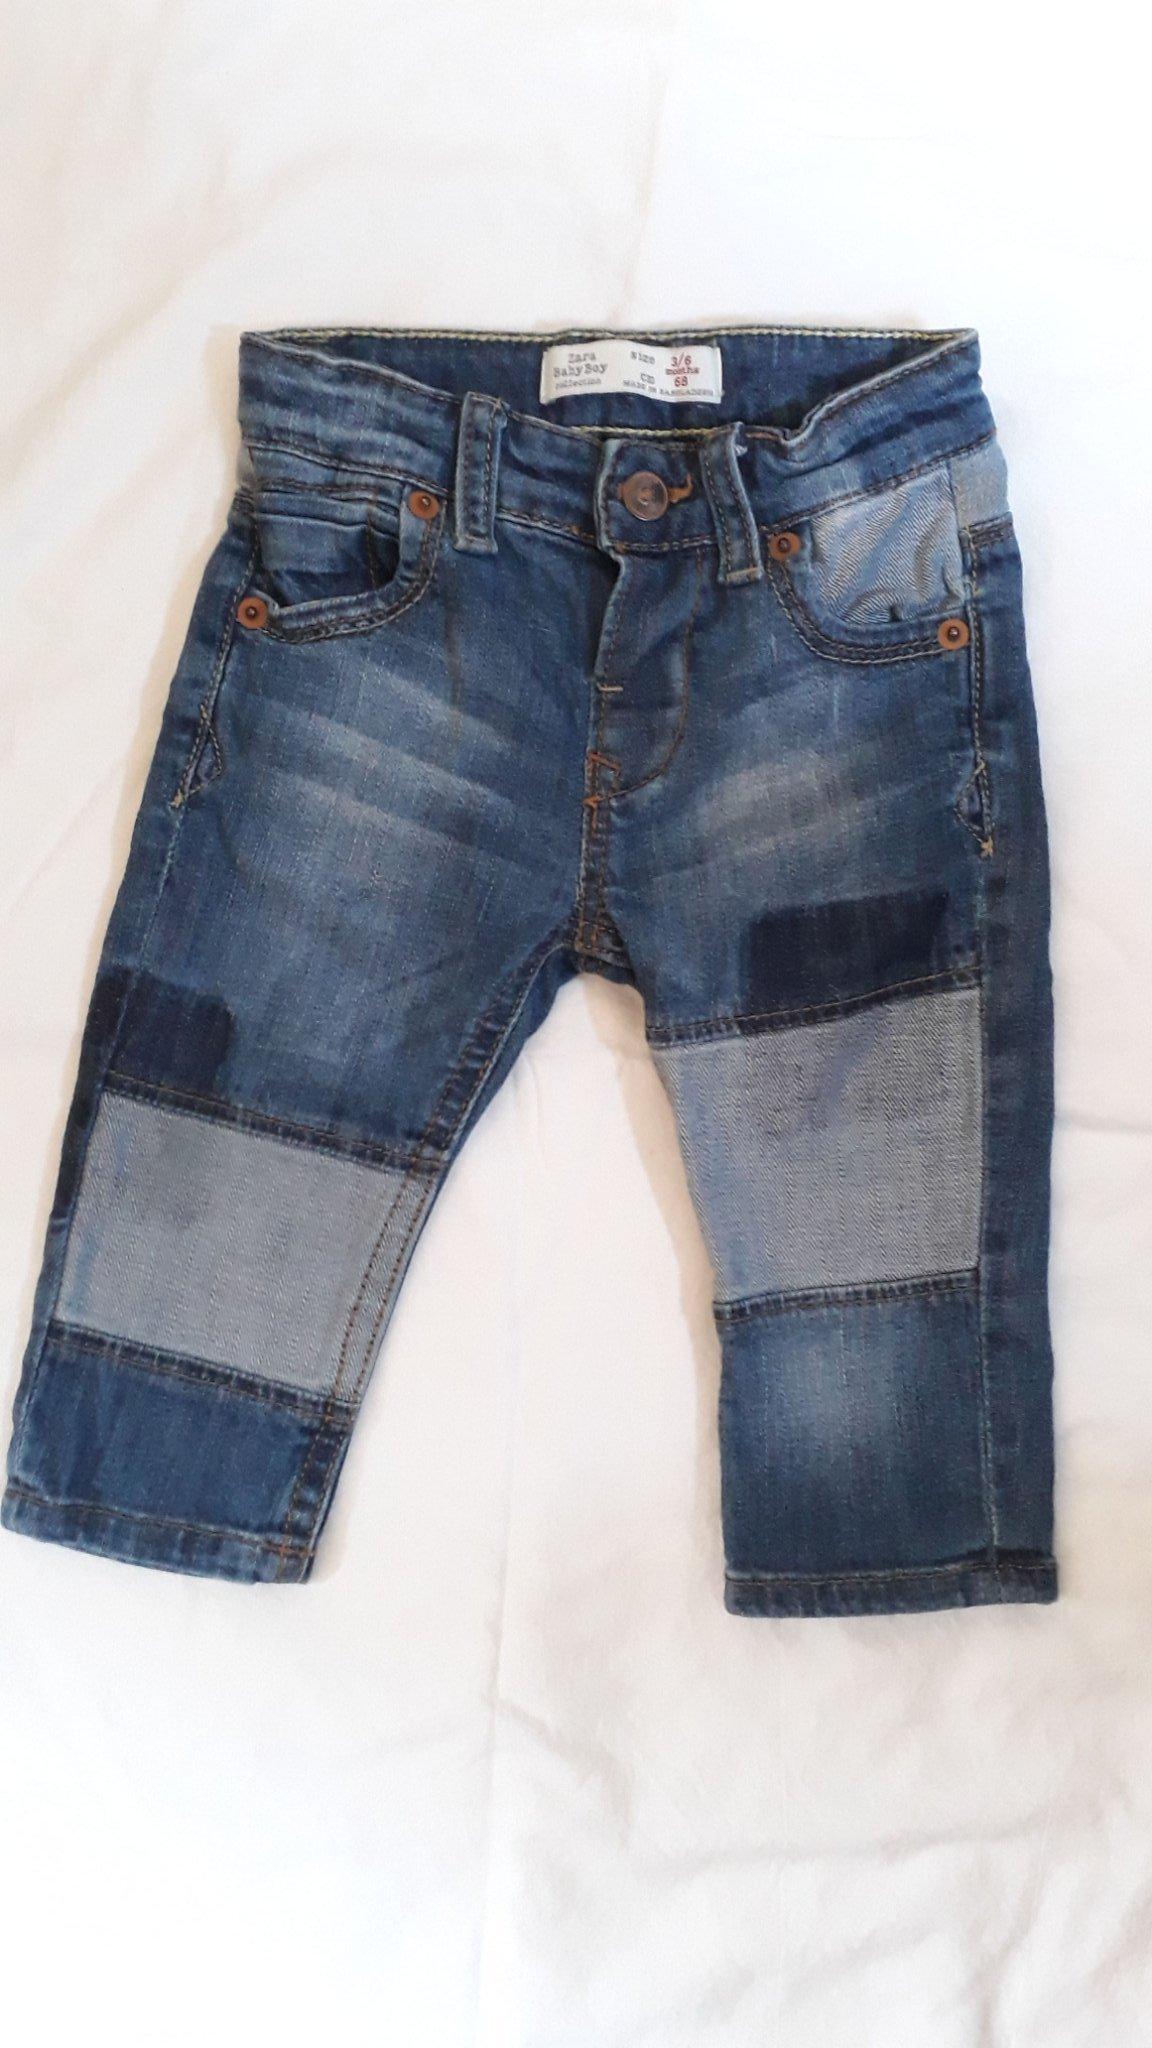 Kläder på Tradera ᐈ 3 955 annonser • Utropspris från 1 kr